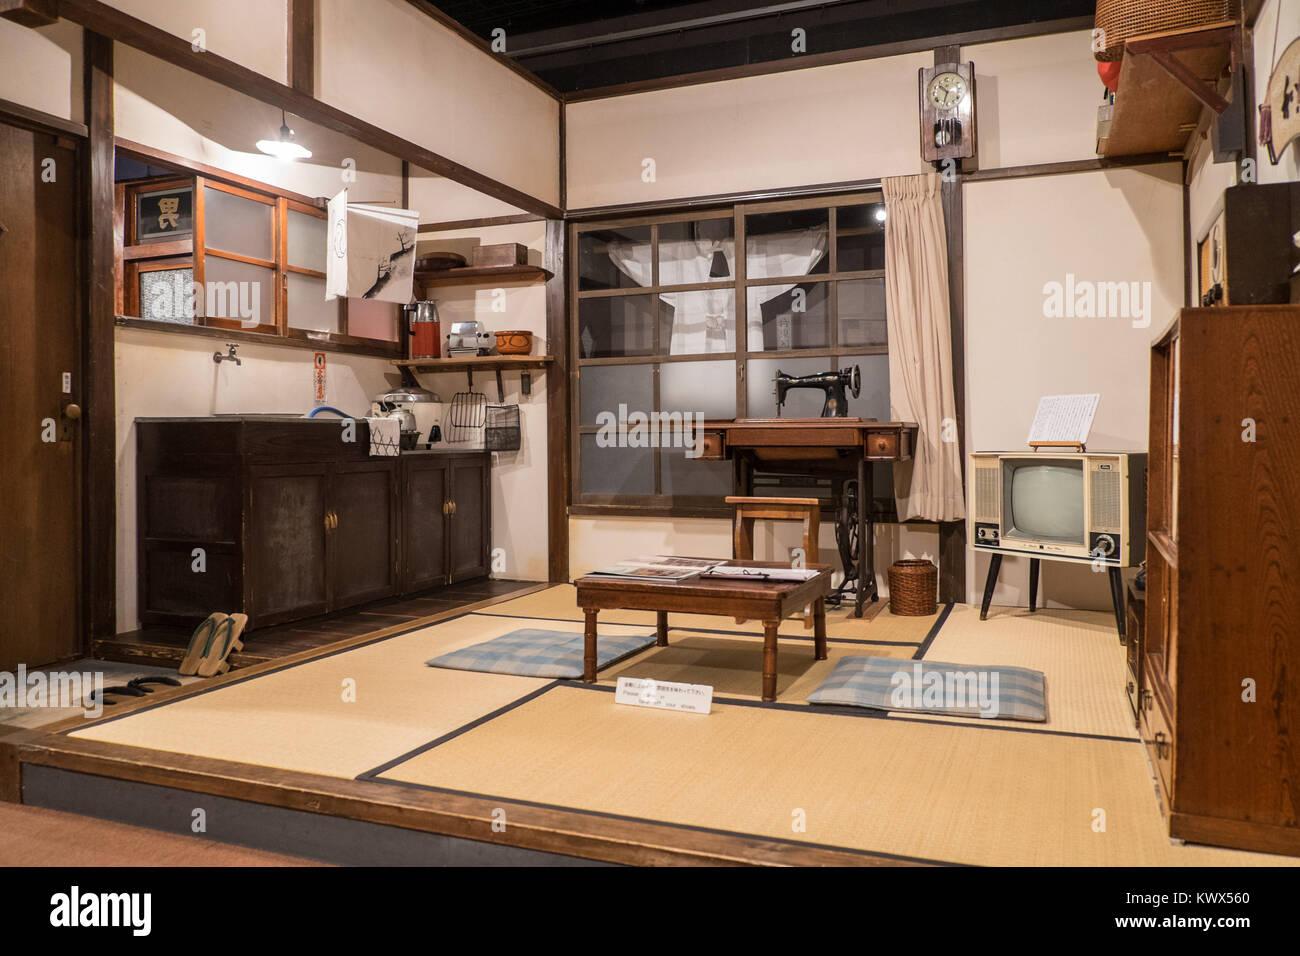 le japon tokyo int rieur d 39 une maison traditionnelle japonaise dans le quartier de ueno. Black Bedroom Furniture Sets. Home Design Ideas